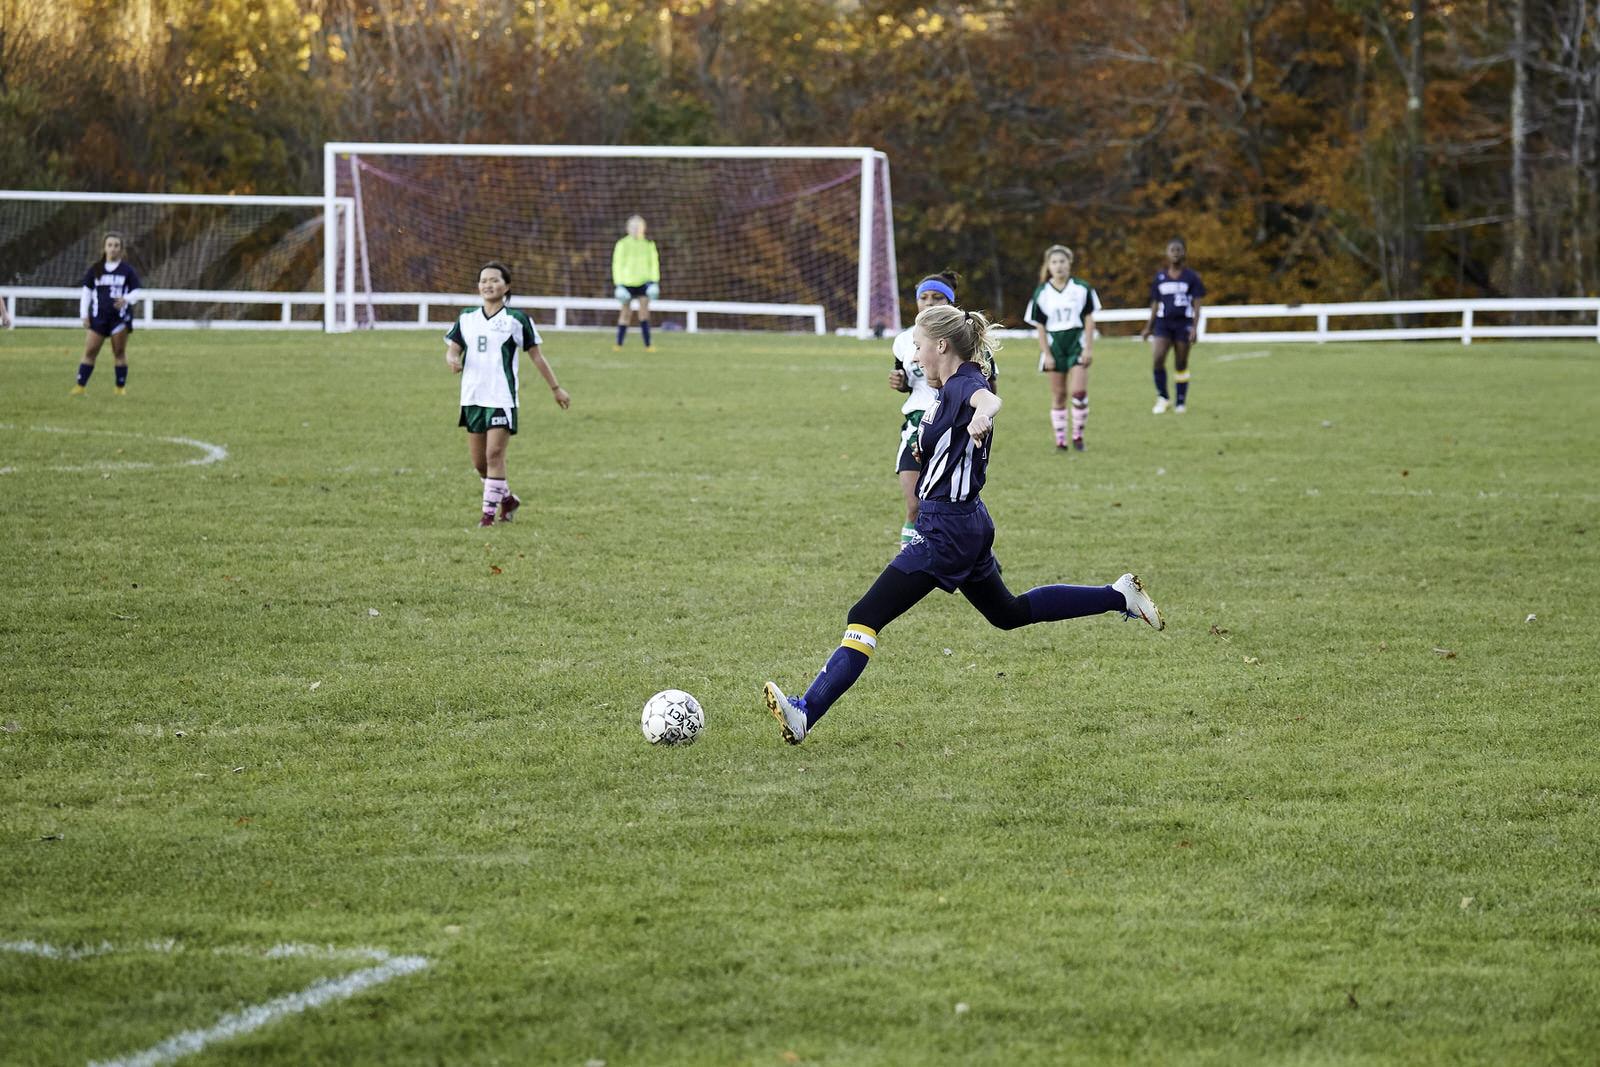 Girls Varsity Soccer vs. Eagle Hill School - October 30, 2018 139182.jpg